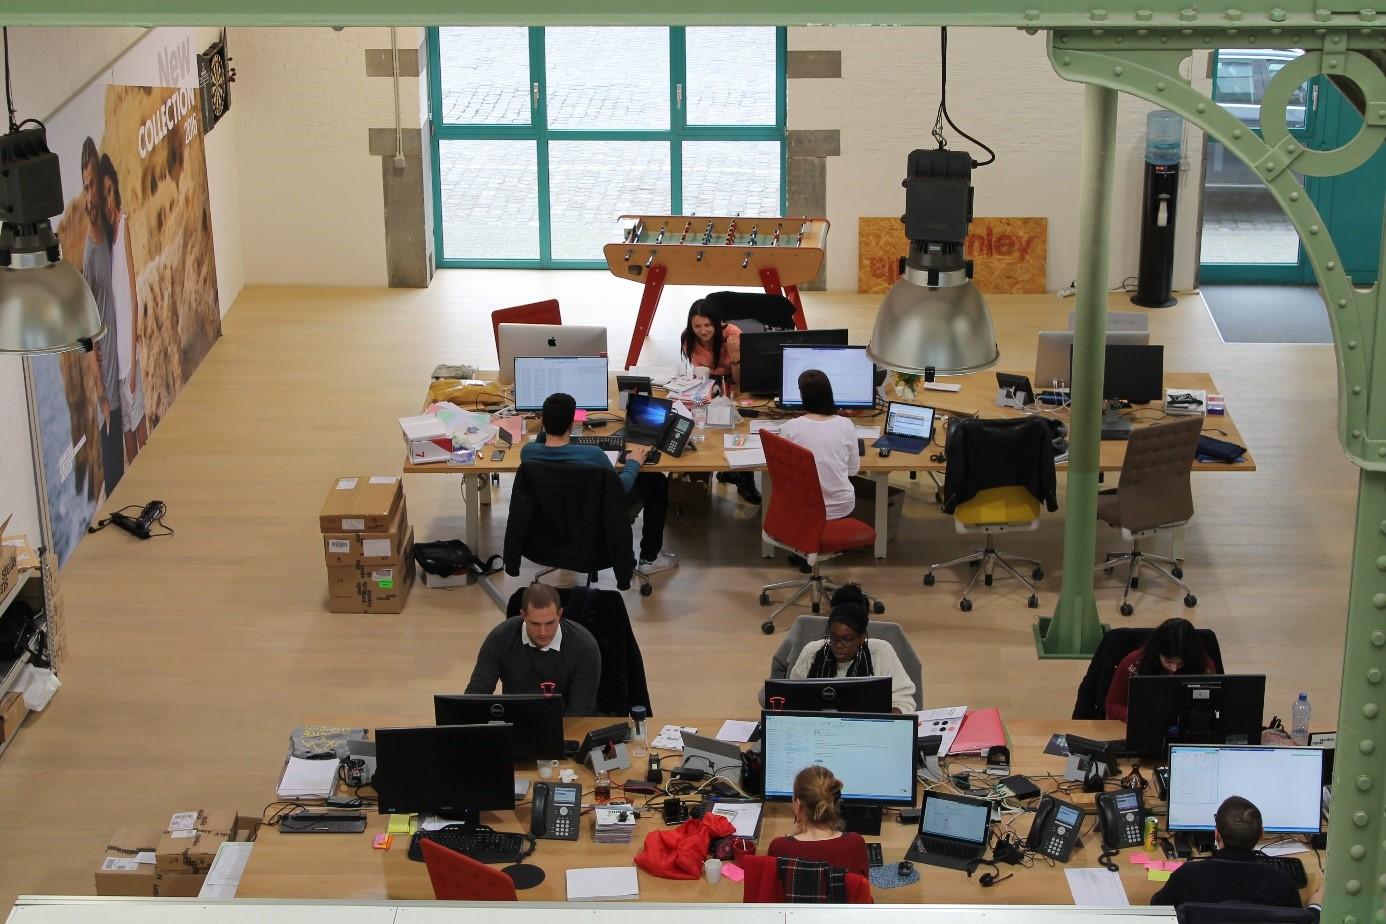 Coopérer dans le cloud : tant au bureau que n'importe où dans le monde.